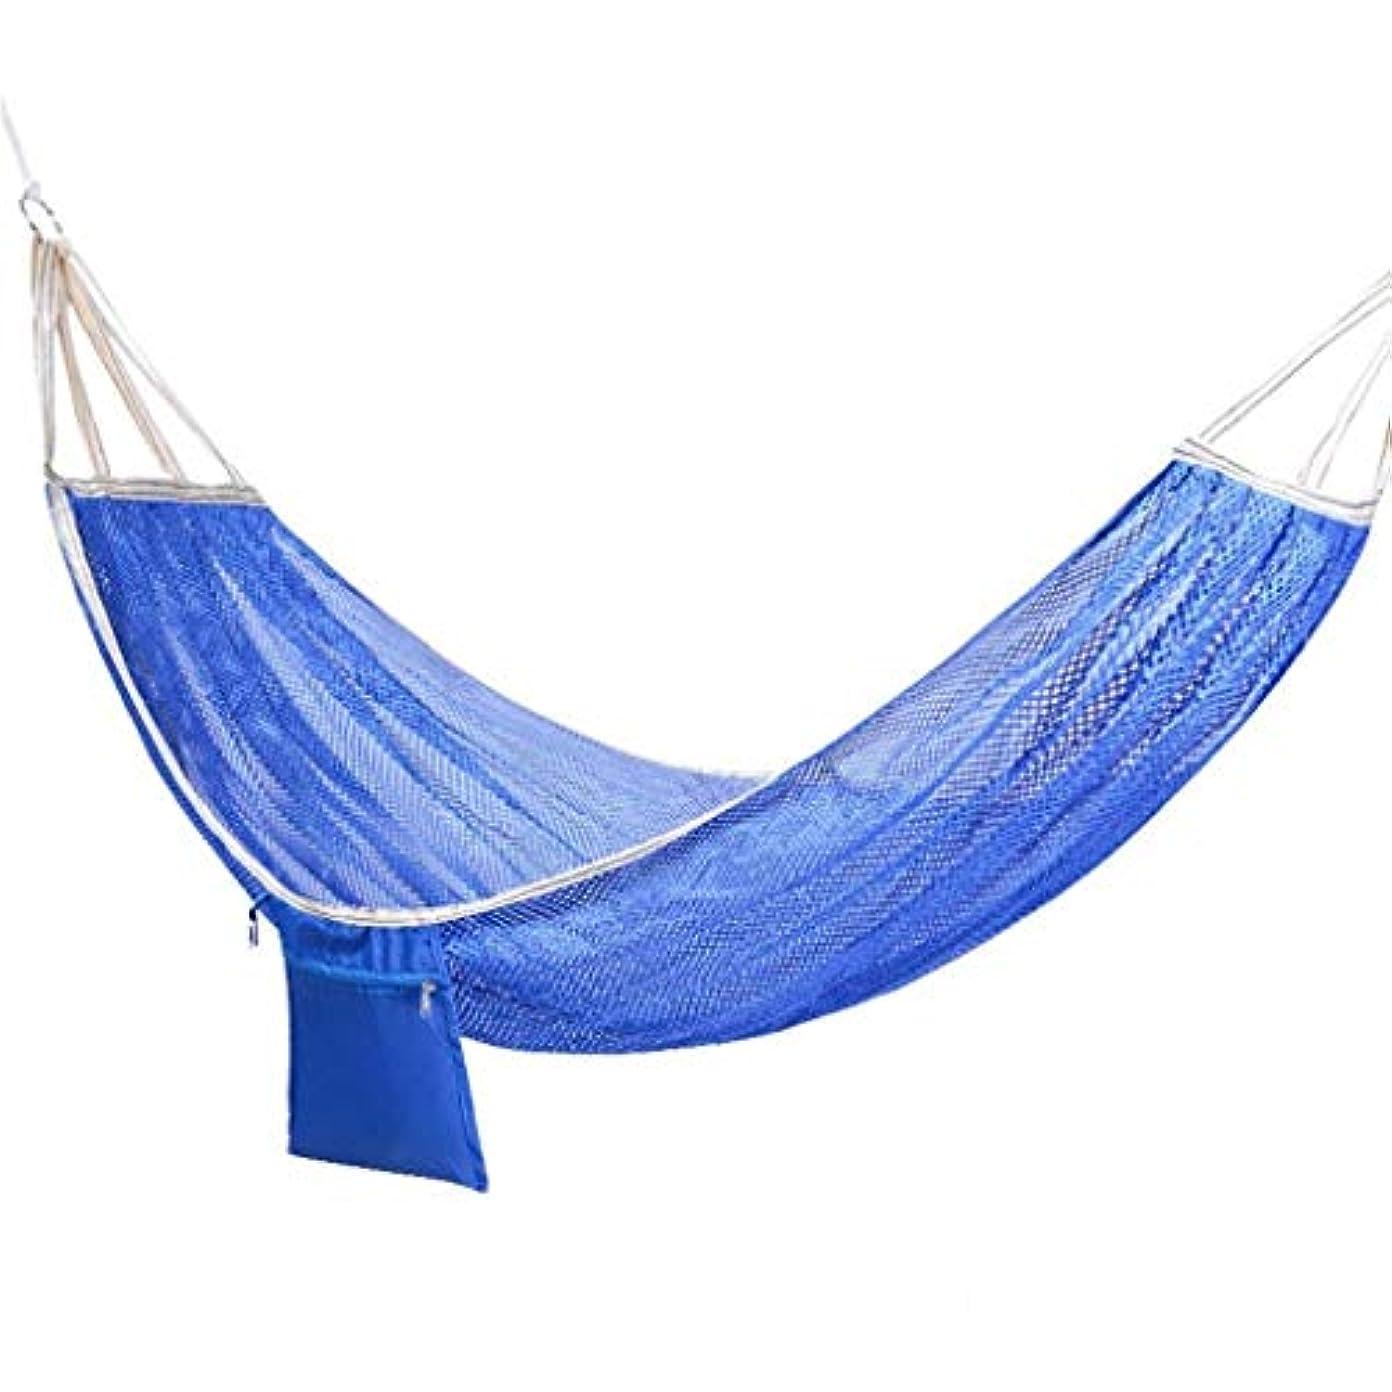 不承認申し立てたとえ屋外ポータブルロールオーバーシングルアイスシルクスイング屋外ダブルメッシュハンモック大人の家の寝室の寮の椅子 (Color : Blue)